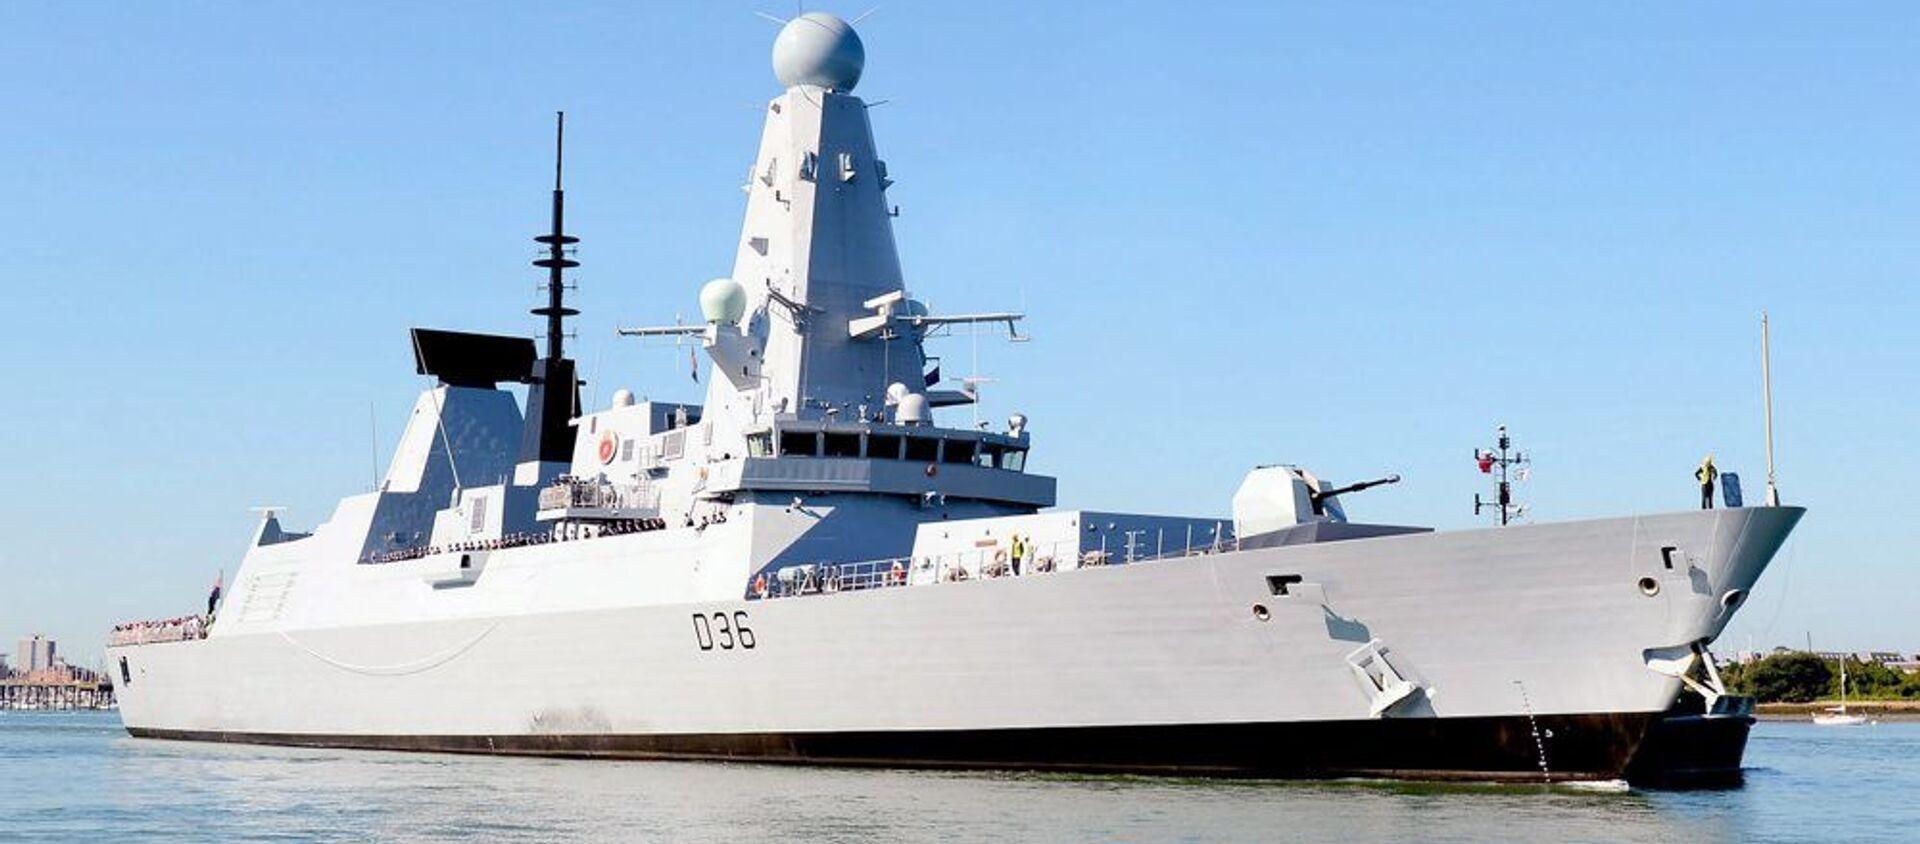 HMS Defender - Sputnik France, 1920, 26.06.2021